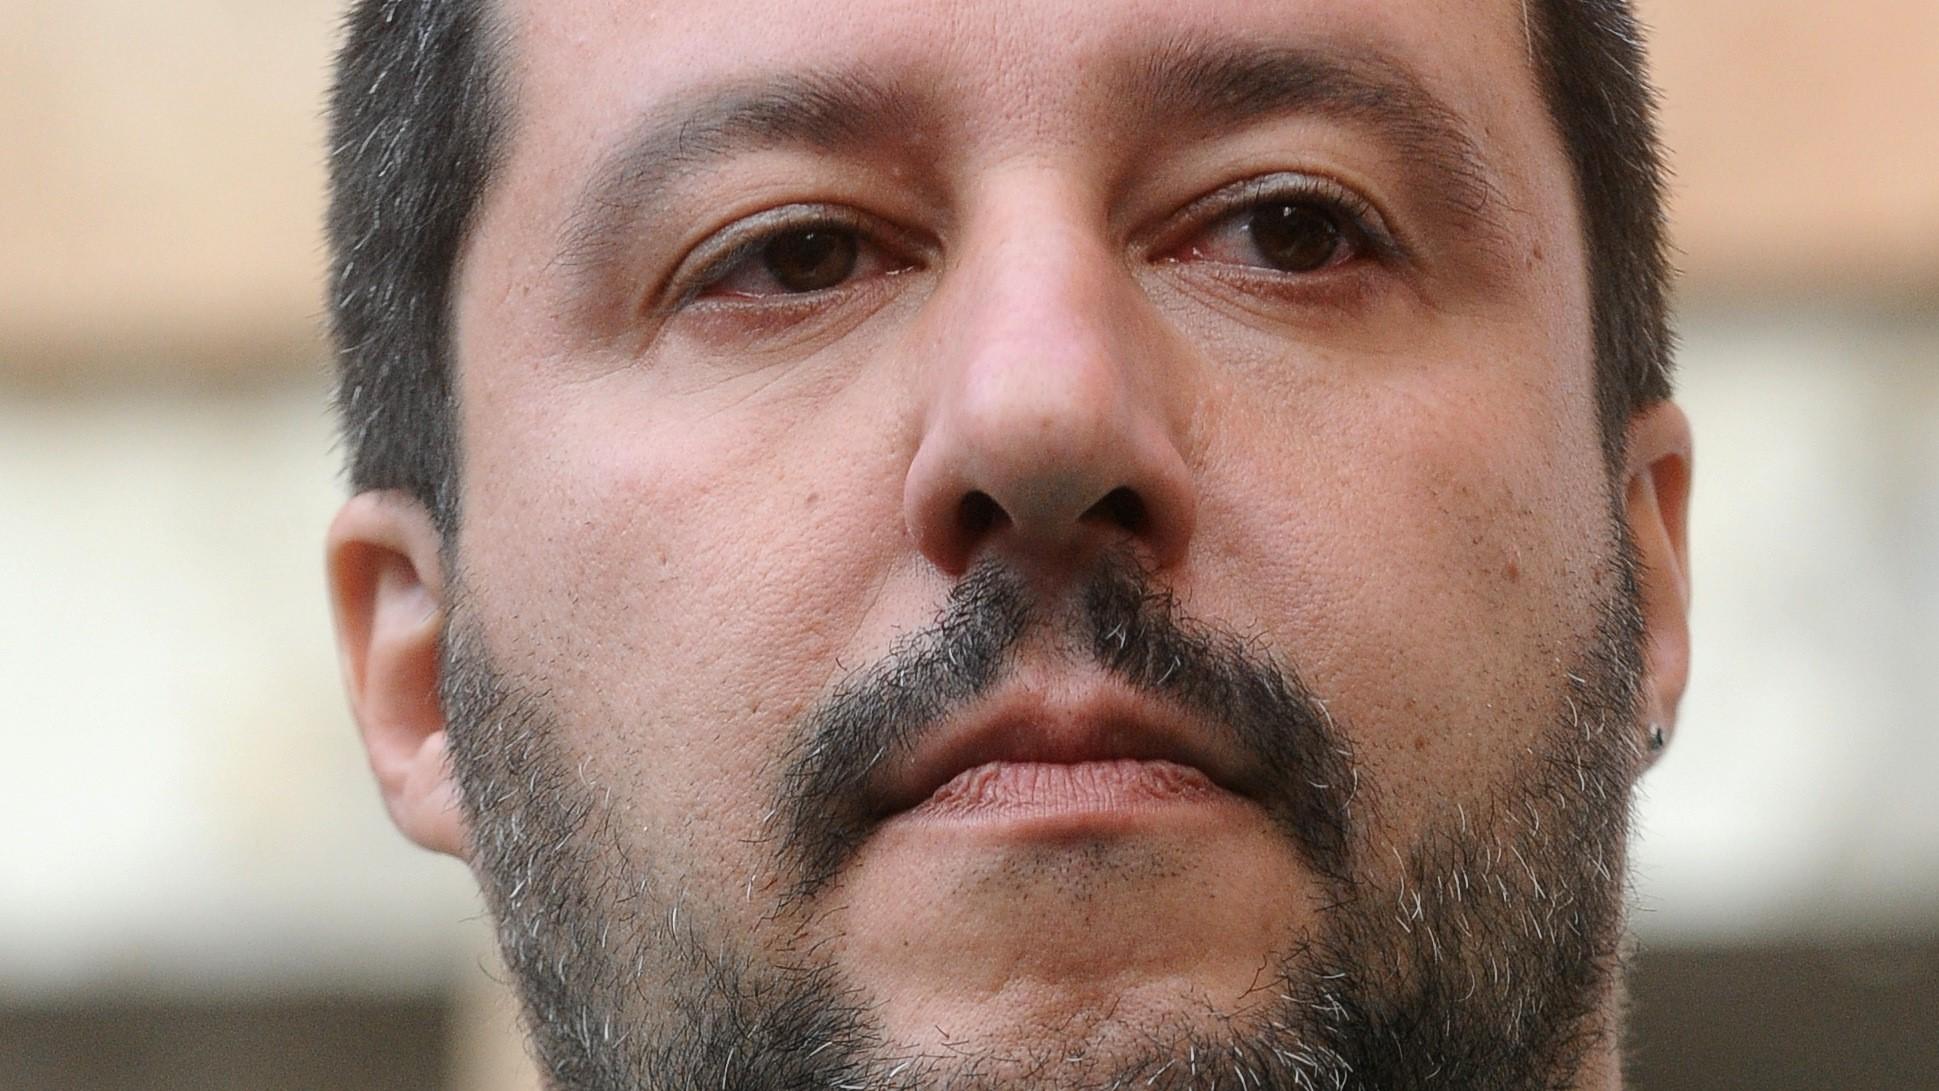 Politica, Vip e giornalisti per un'Italia solidale: 'Noi non stiamo con Salvini'